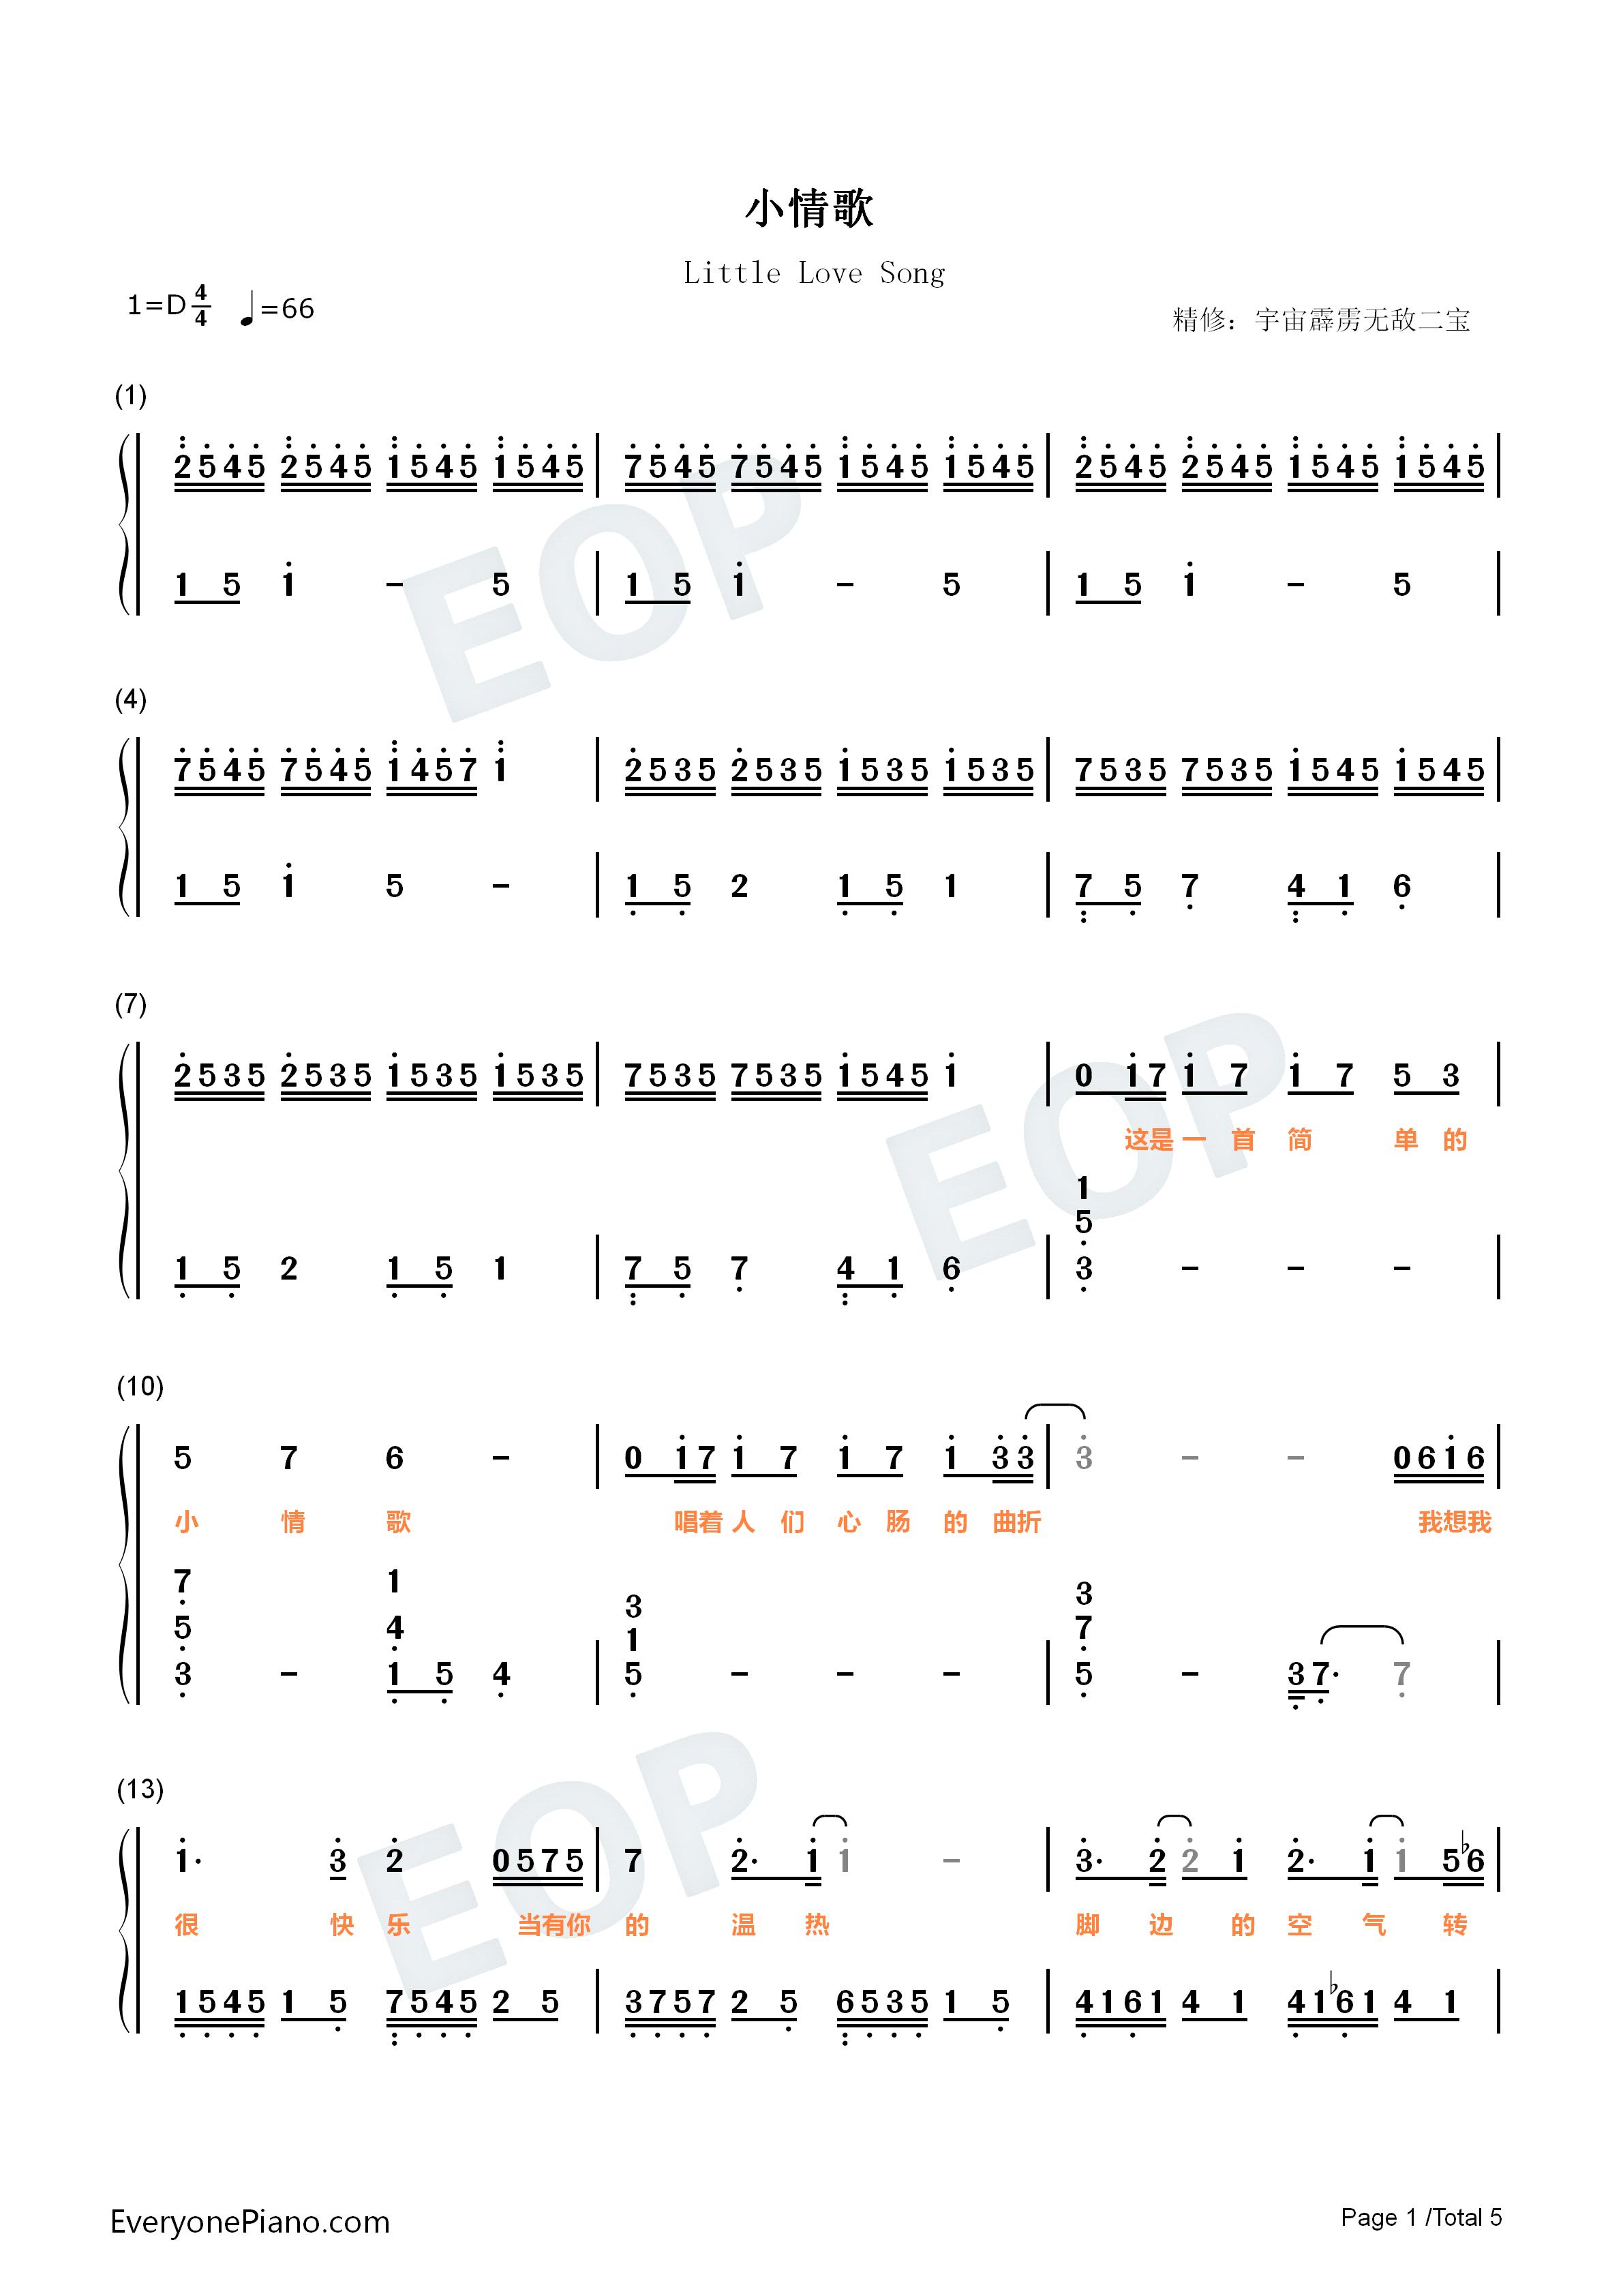 钢琴曲谱 流行 小情歌 小情歌双手简谱预览1  }  仅供学习交流使用!